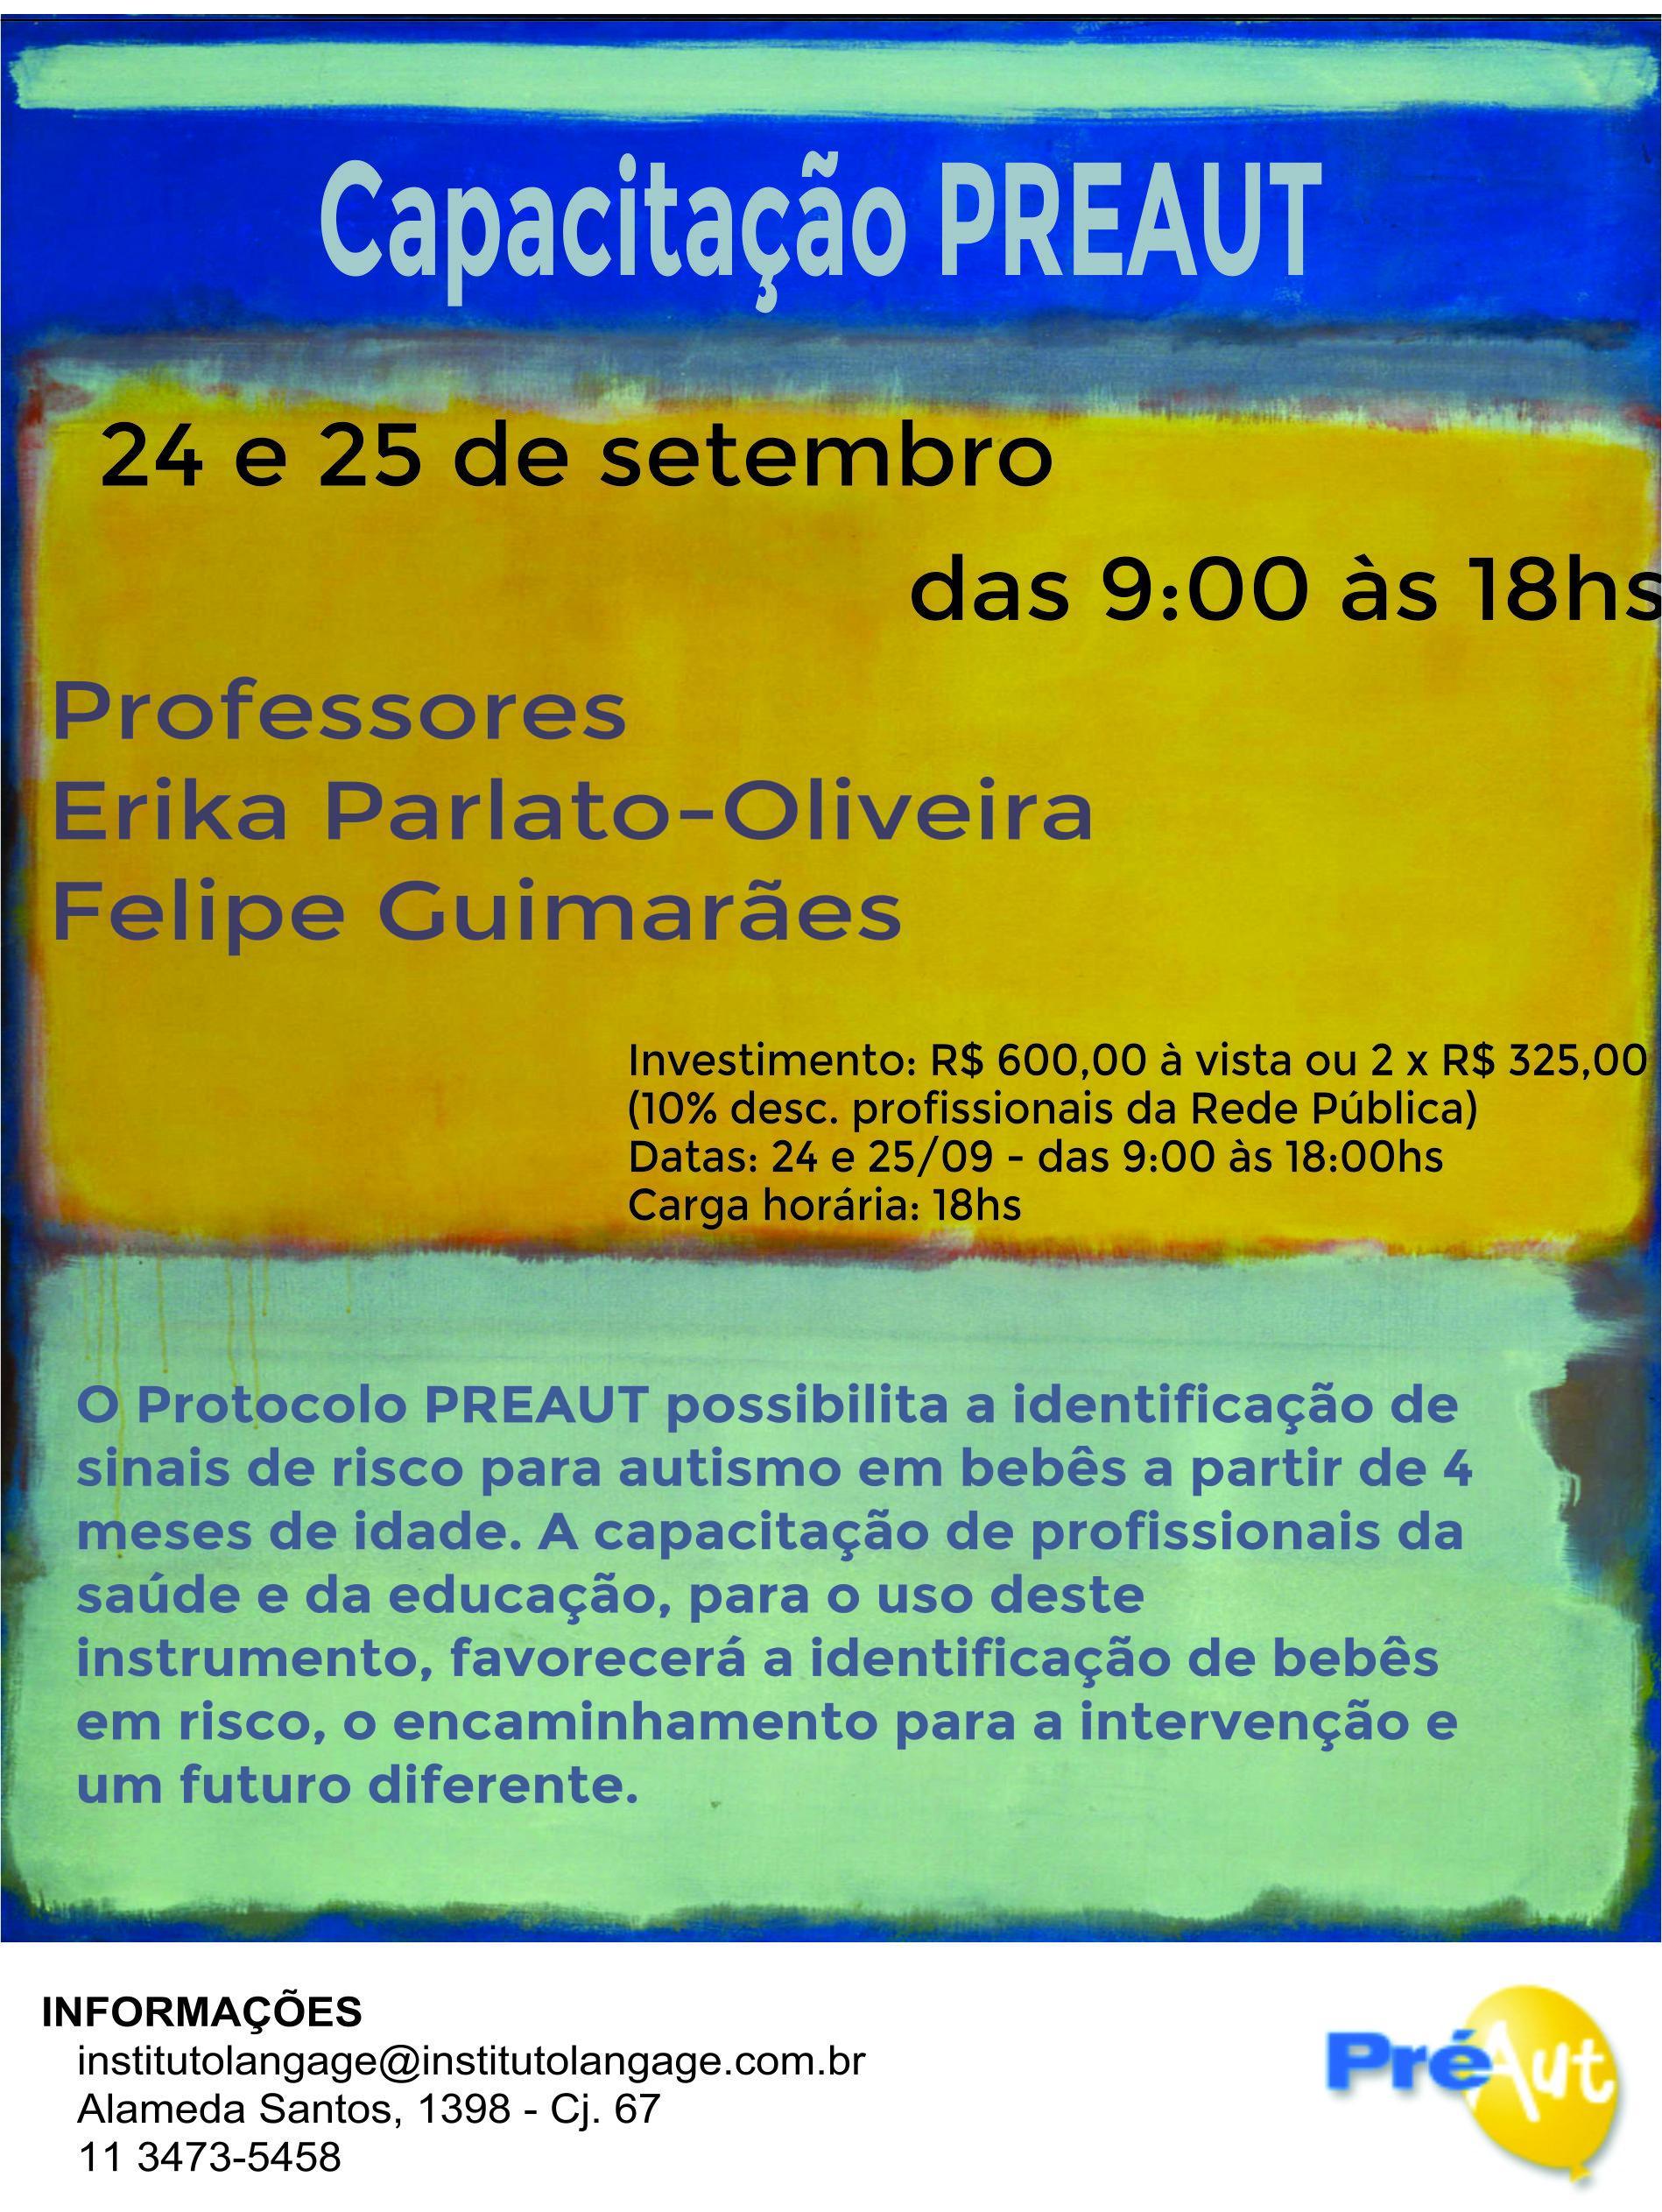 Curso capacitacao PREAU set16